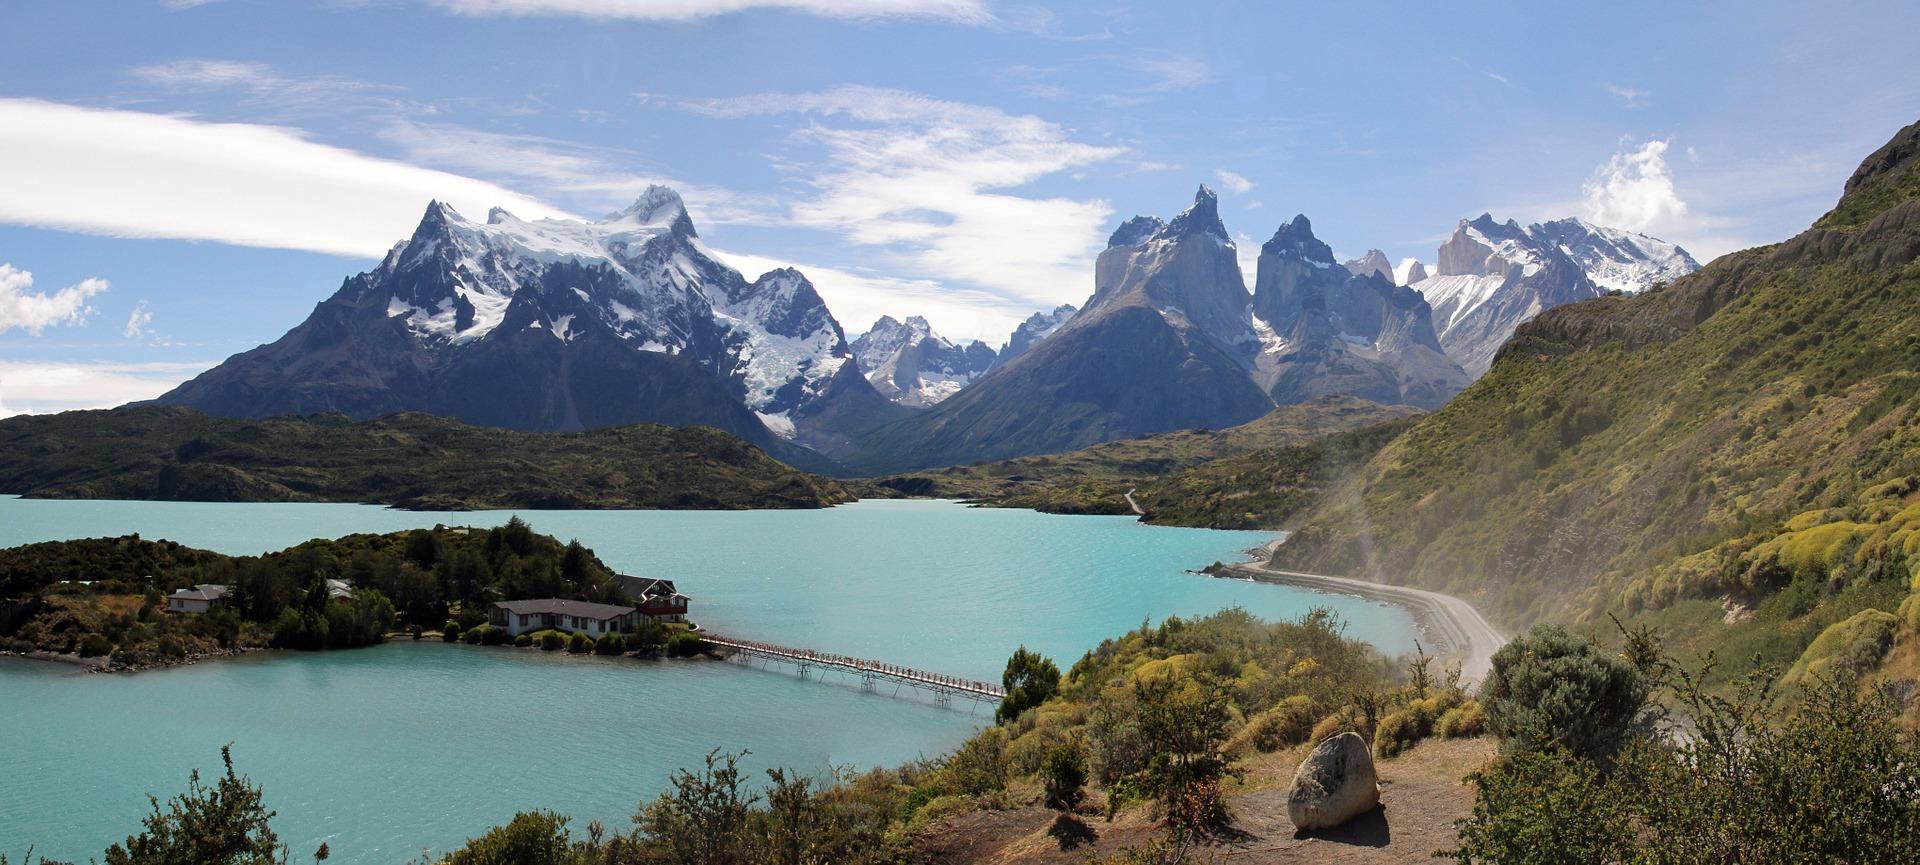 Rundreise Patagonien: Empfehlungen & Vergleich (09/20)